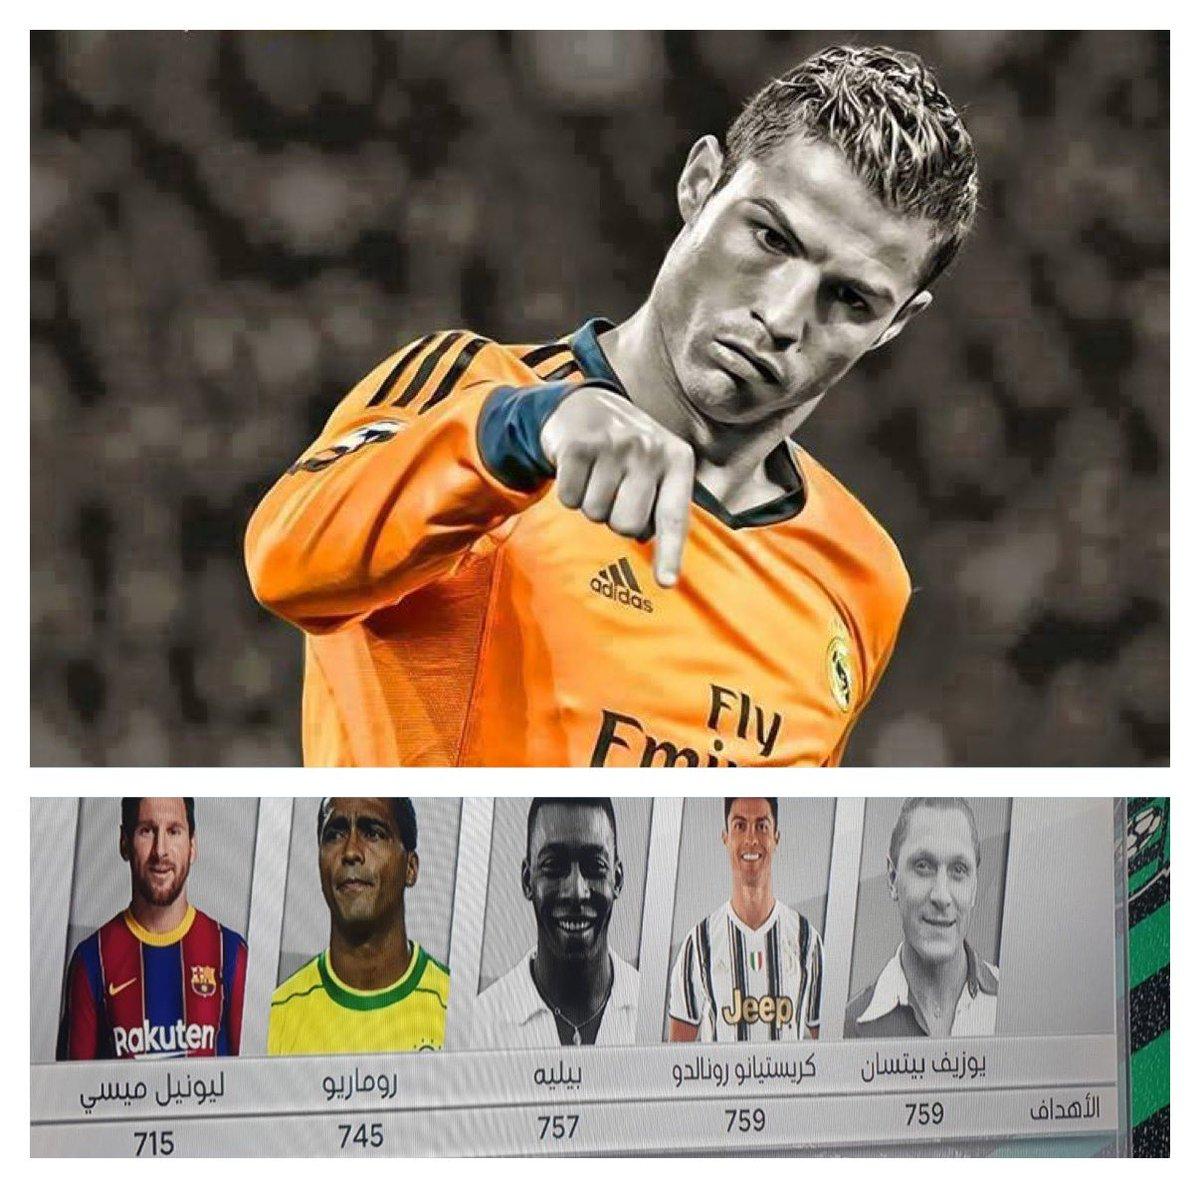 بعد مباراة اليوم كريستيانو رونالدو يُصبح الهداف التاريخي في تاريخ كرة القدم متعادلاً مع جوزيف بيكان بـ 759 هدف كم انت عظيم يا ابن ماديرا @Cristiano